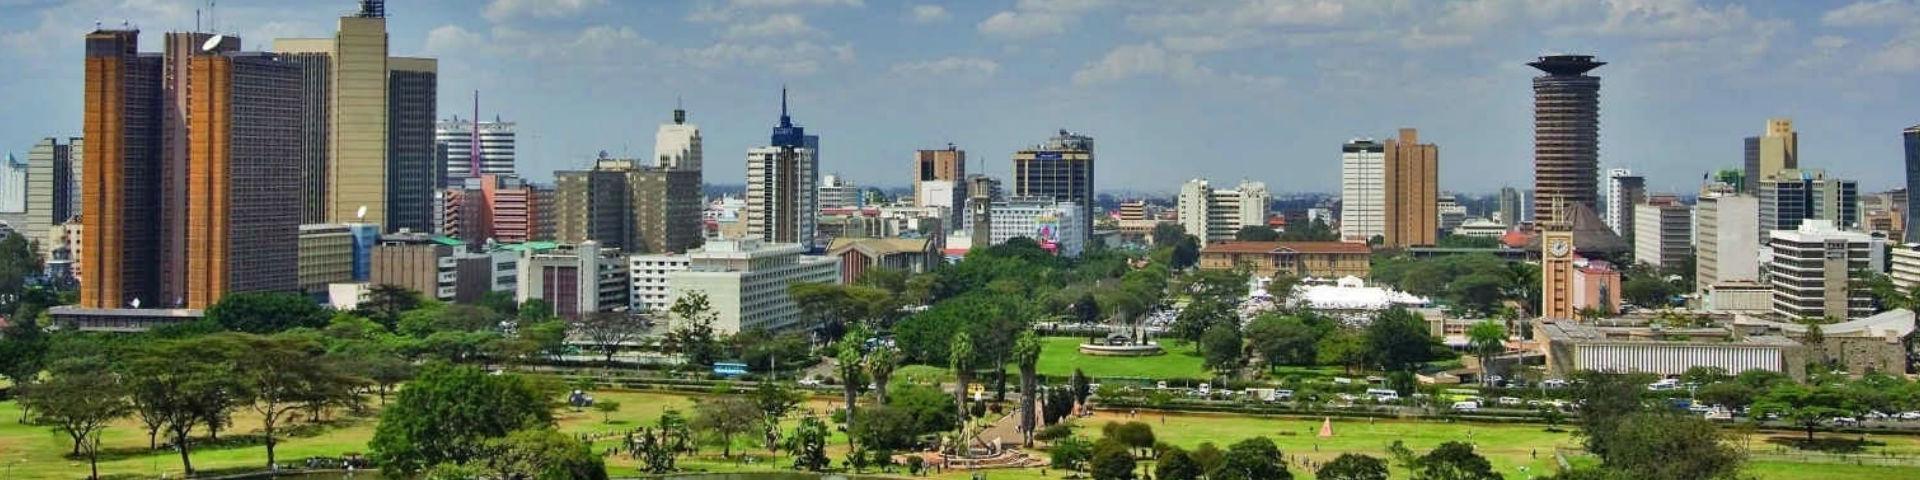 БК SportPesa прекратила работу в Кении